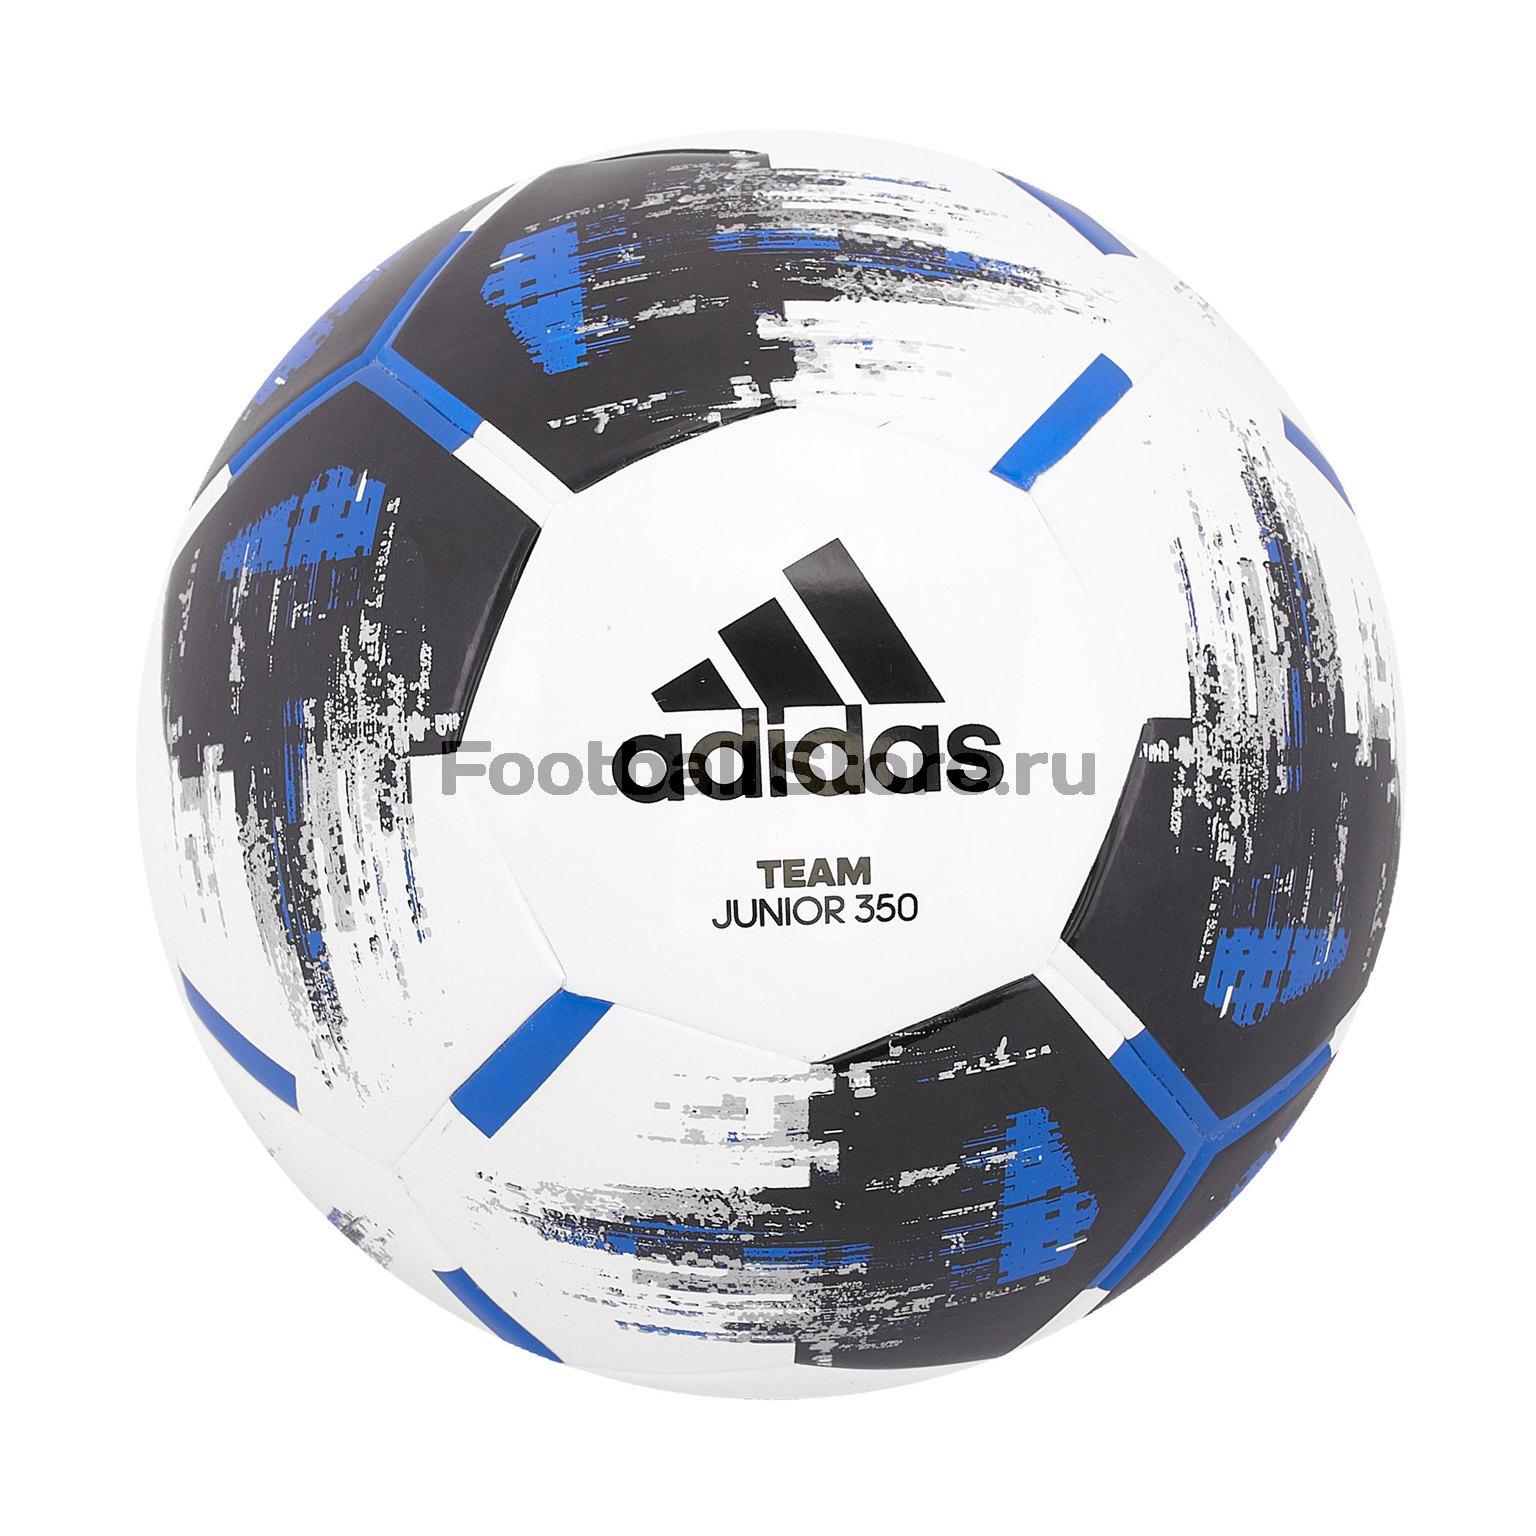 Футбольный мяч Adidas Team J350 CZ9573 цена